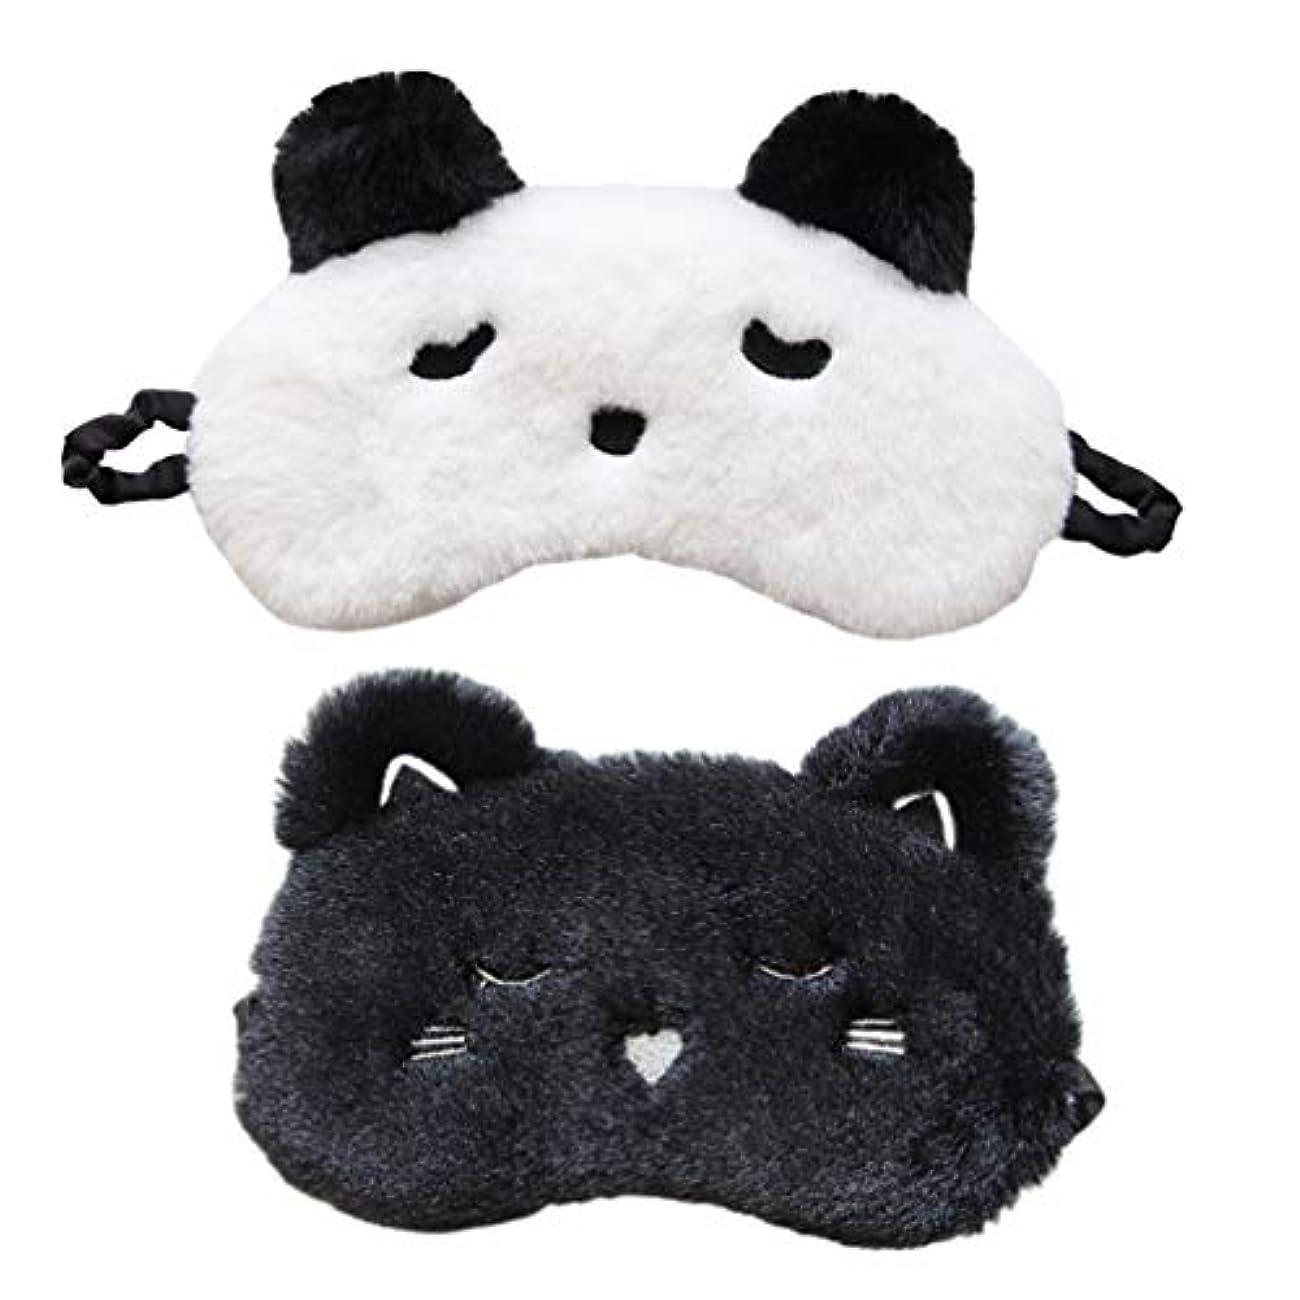 Lurrose 2ピースパンダ睡眠マスクアイマスクアイシェードアイパッチソフト睡眠マスクかわいいパンダ旅行睡眠目隠し仮眠カバー